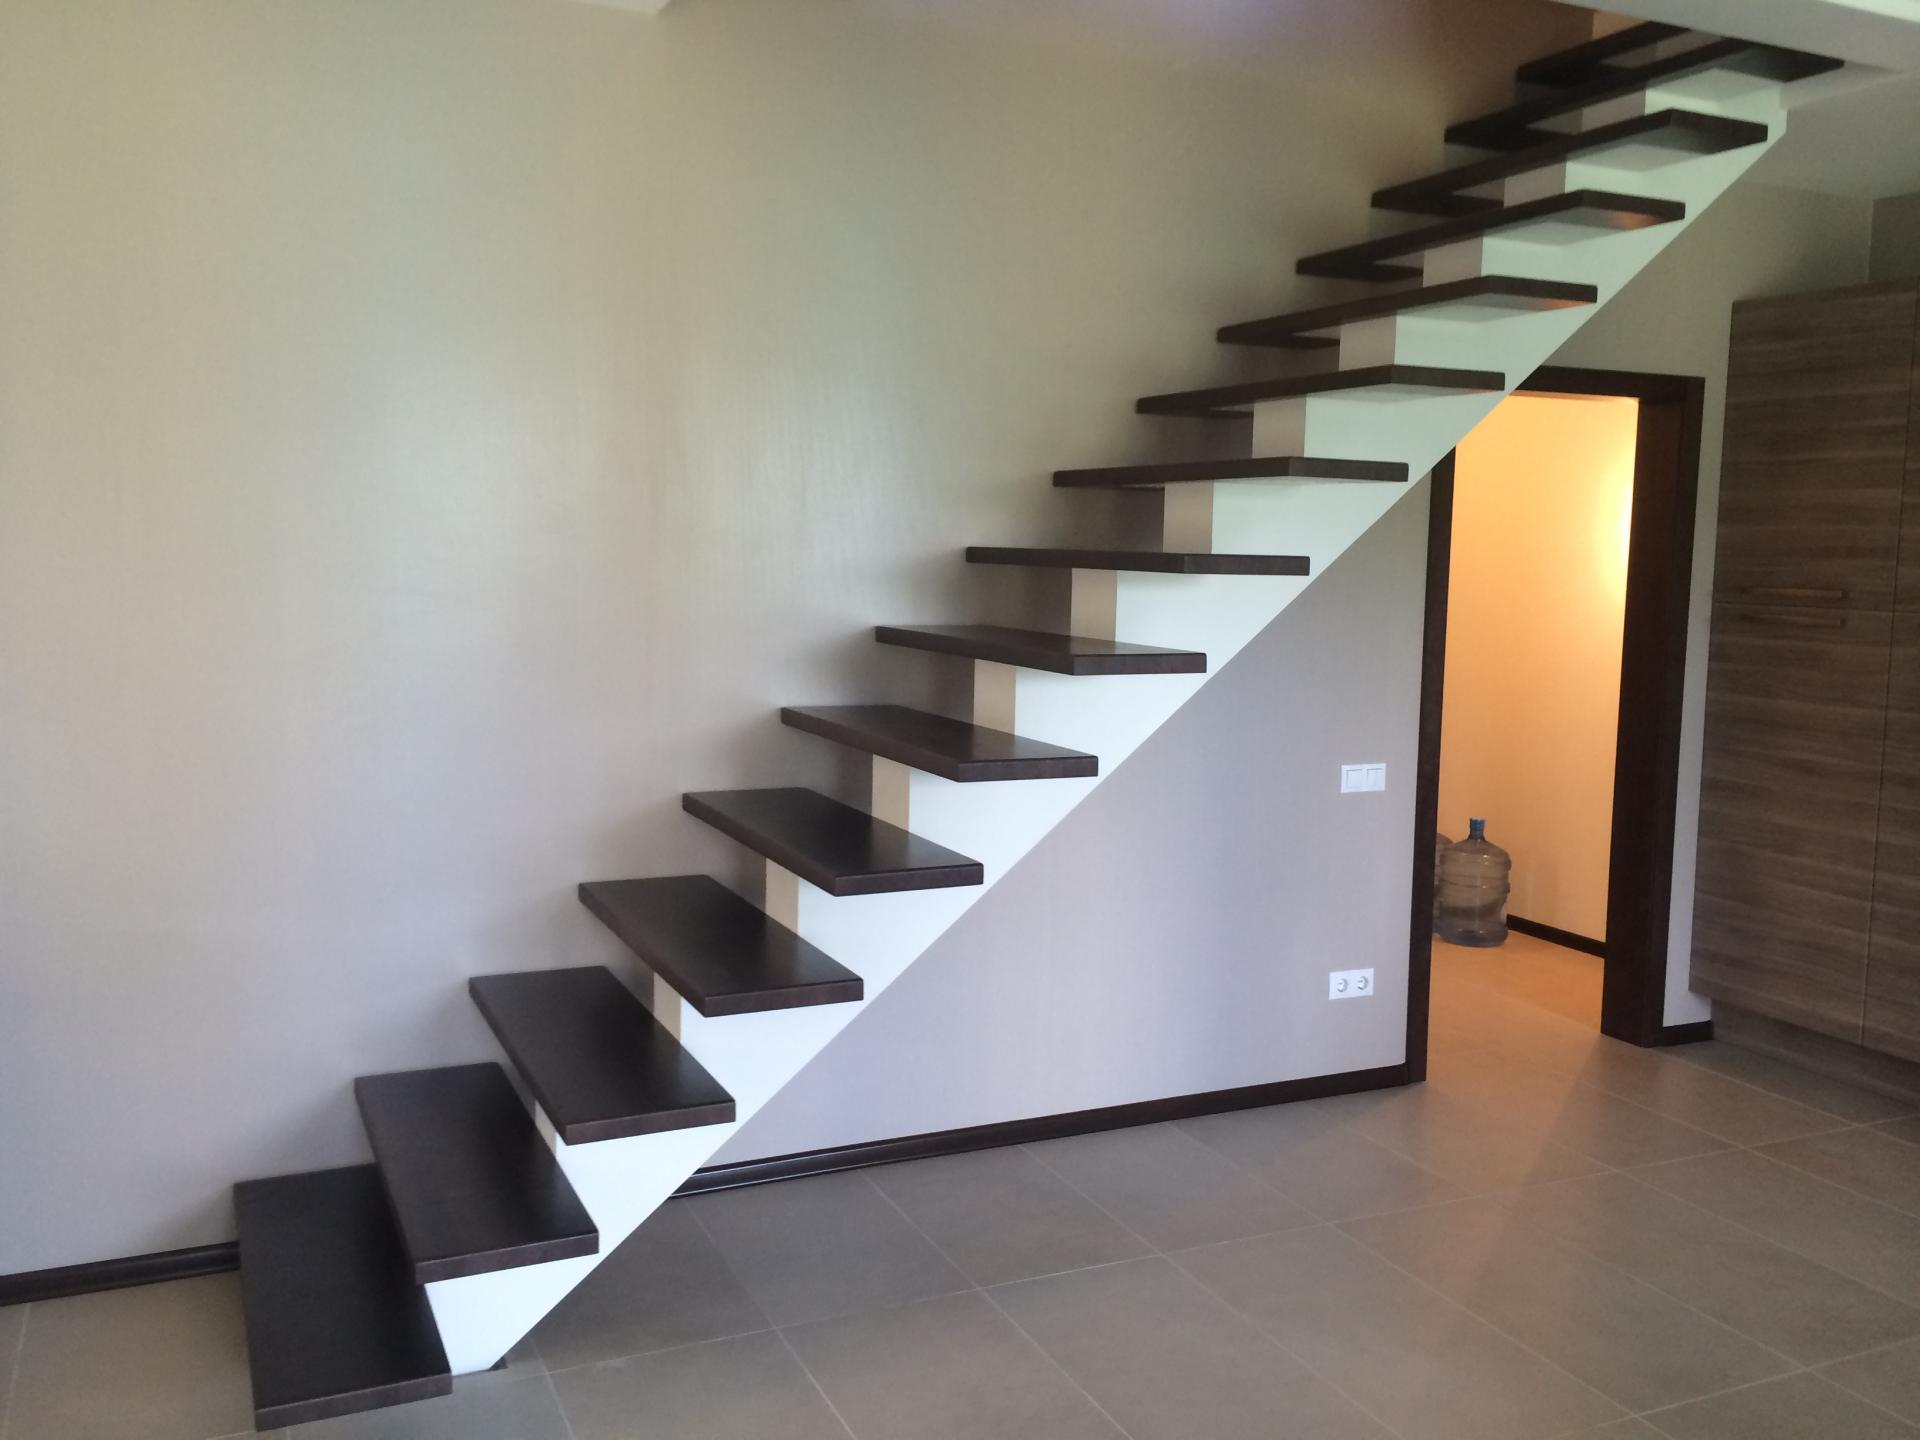 Прямая лестница с одной несущей балкой